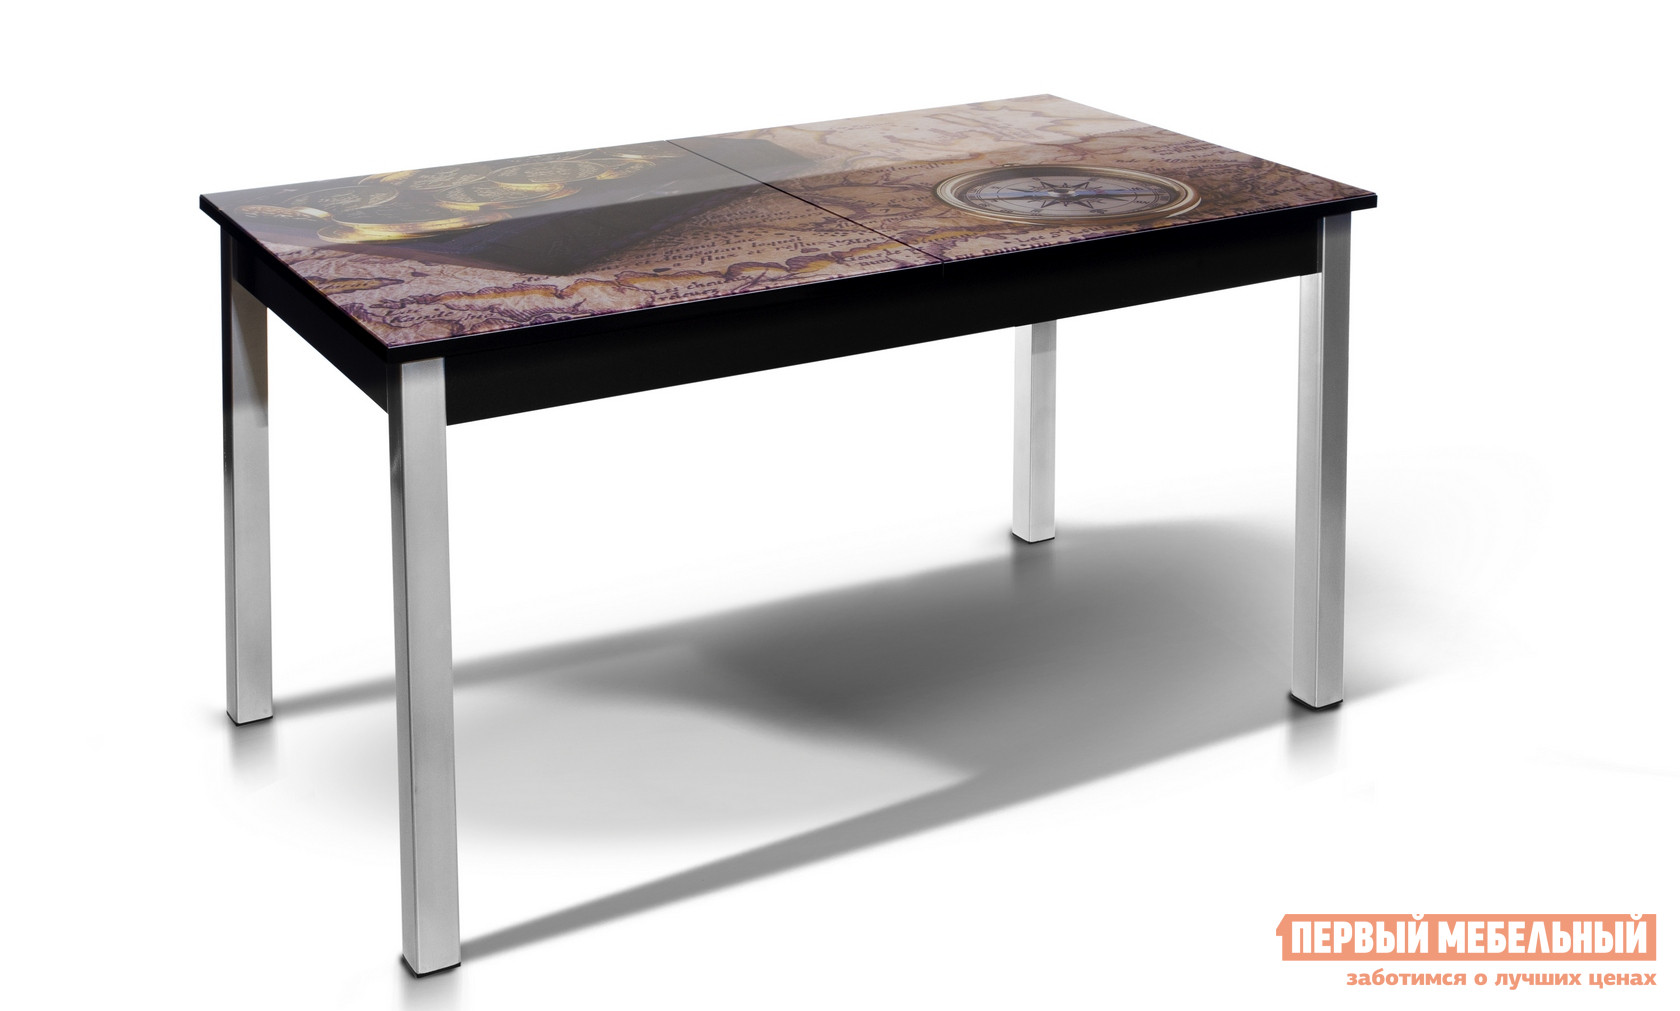 Кухонный стол МегаЭлатон Лугано со стеклом фотопечать (каркас черный) Компас / Черный каркас